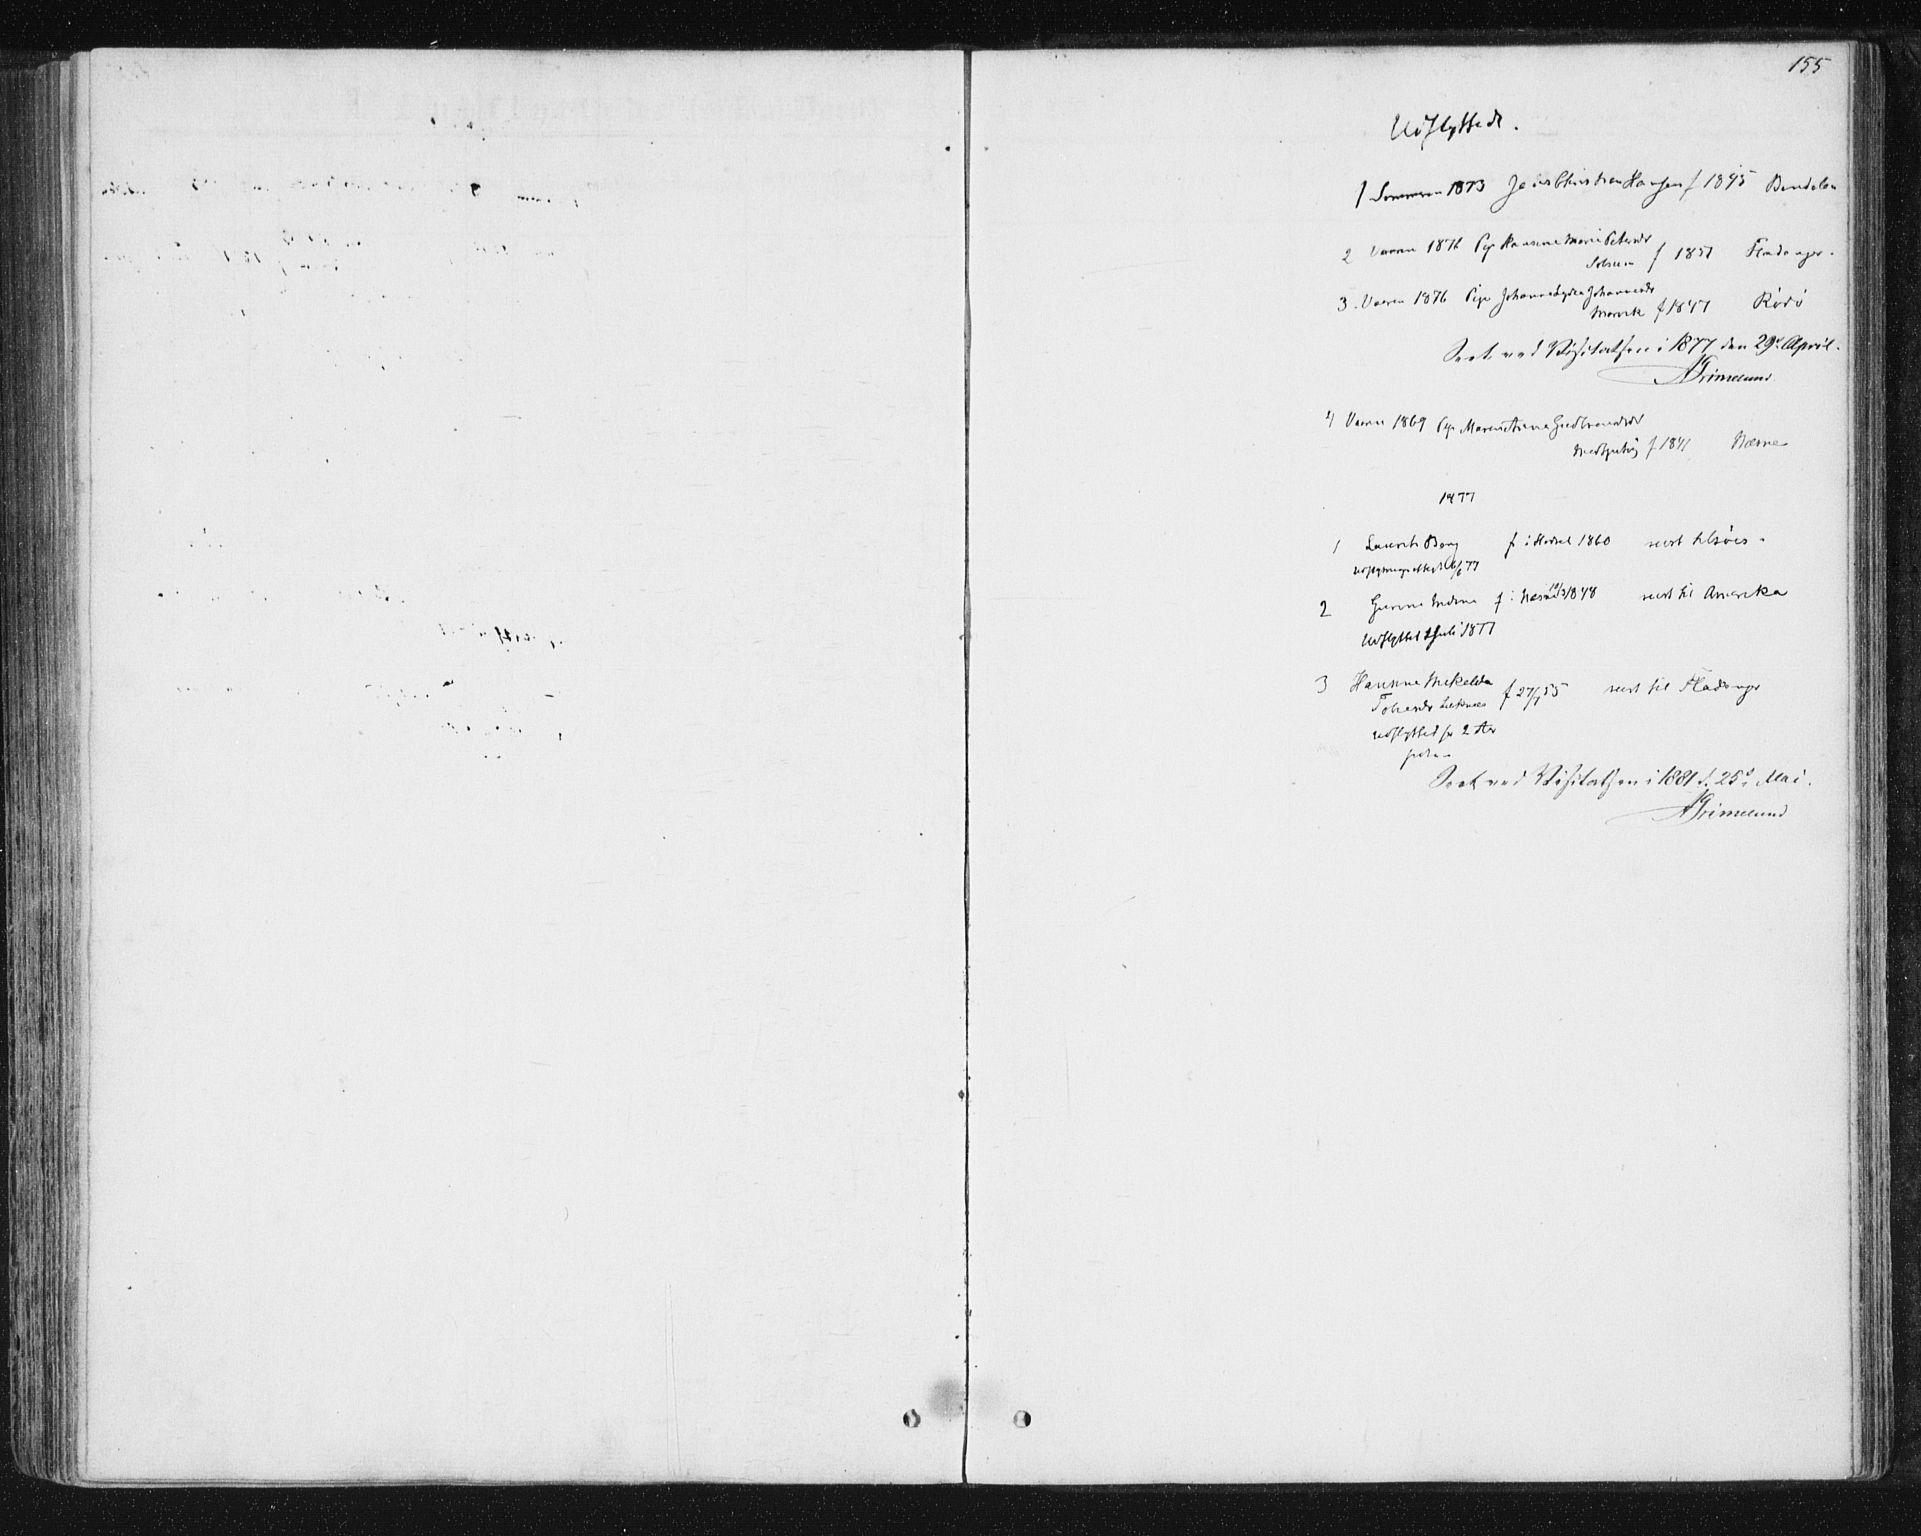 SAT, Ministerialprotokoller, klokkerbøker og fødselsregistre - Nord-Trøndelag, 788/L0696: Ministerialbok nr. 788A03, 1863-1877, s. 155